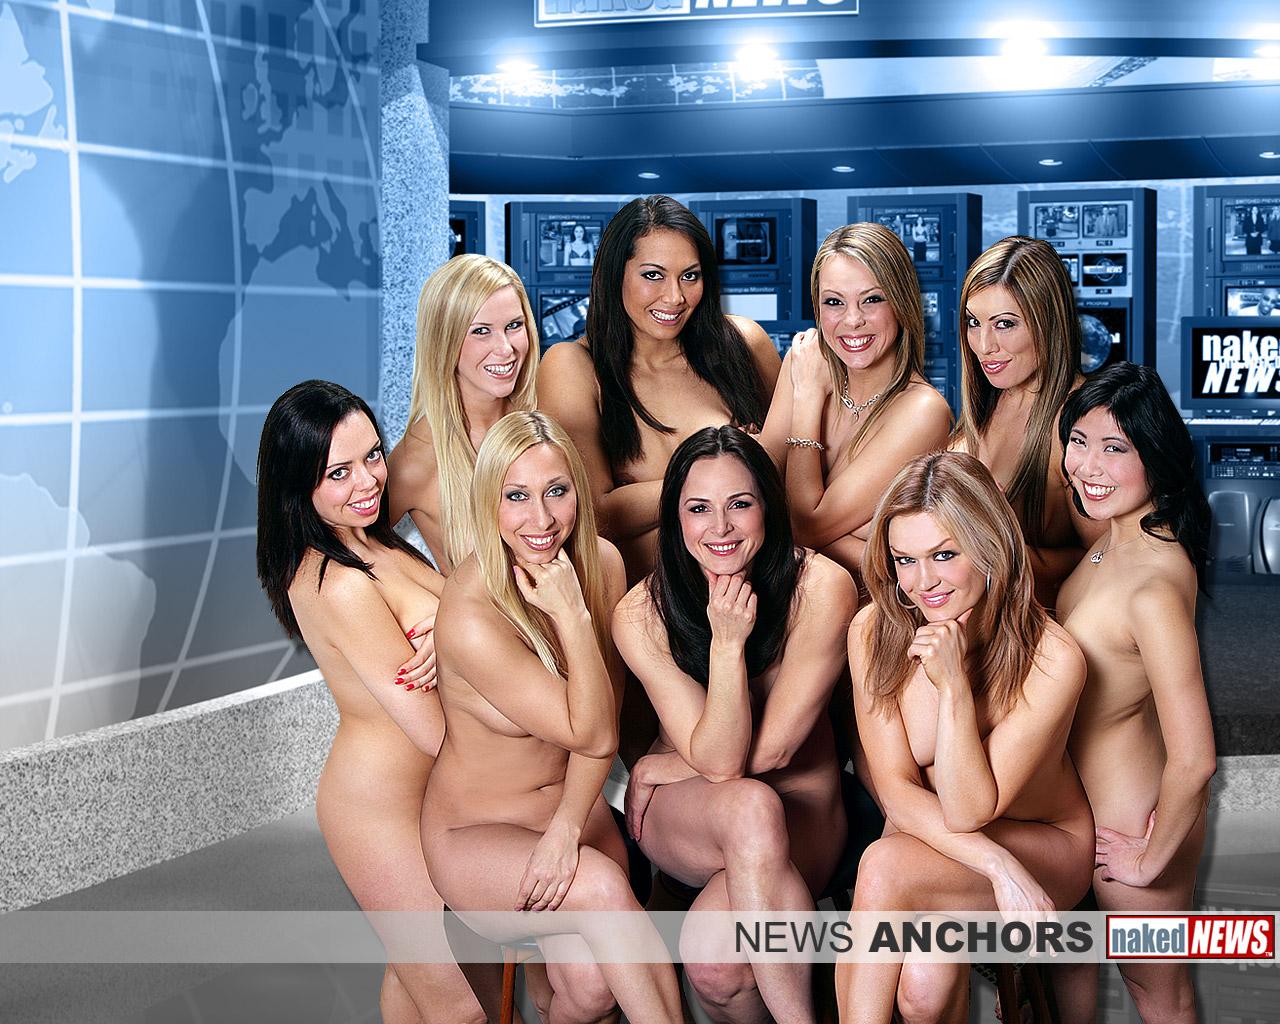 yaponskie-porno-kanali-tv-ebut-spyashih